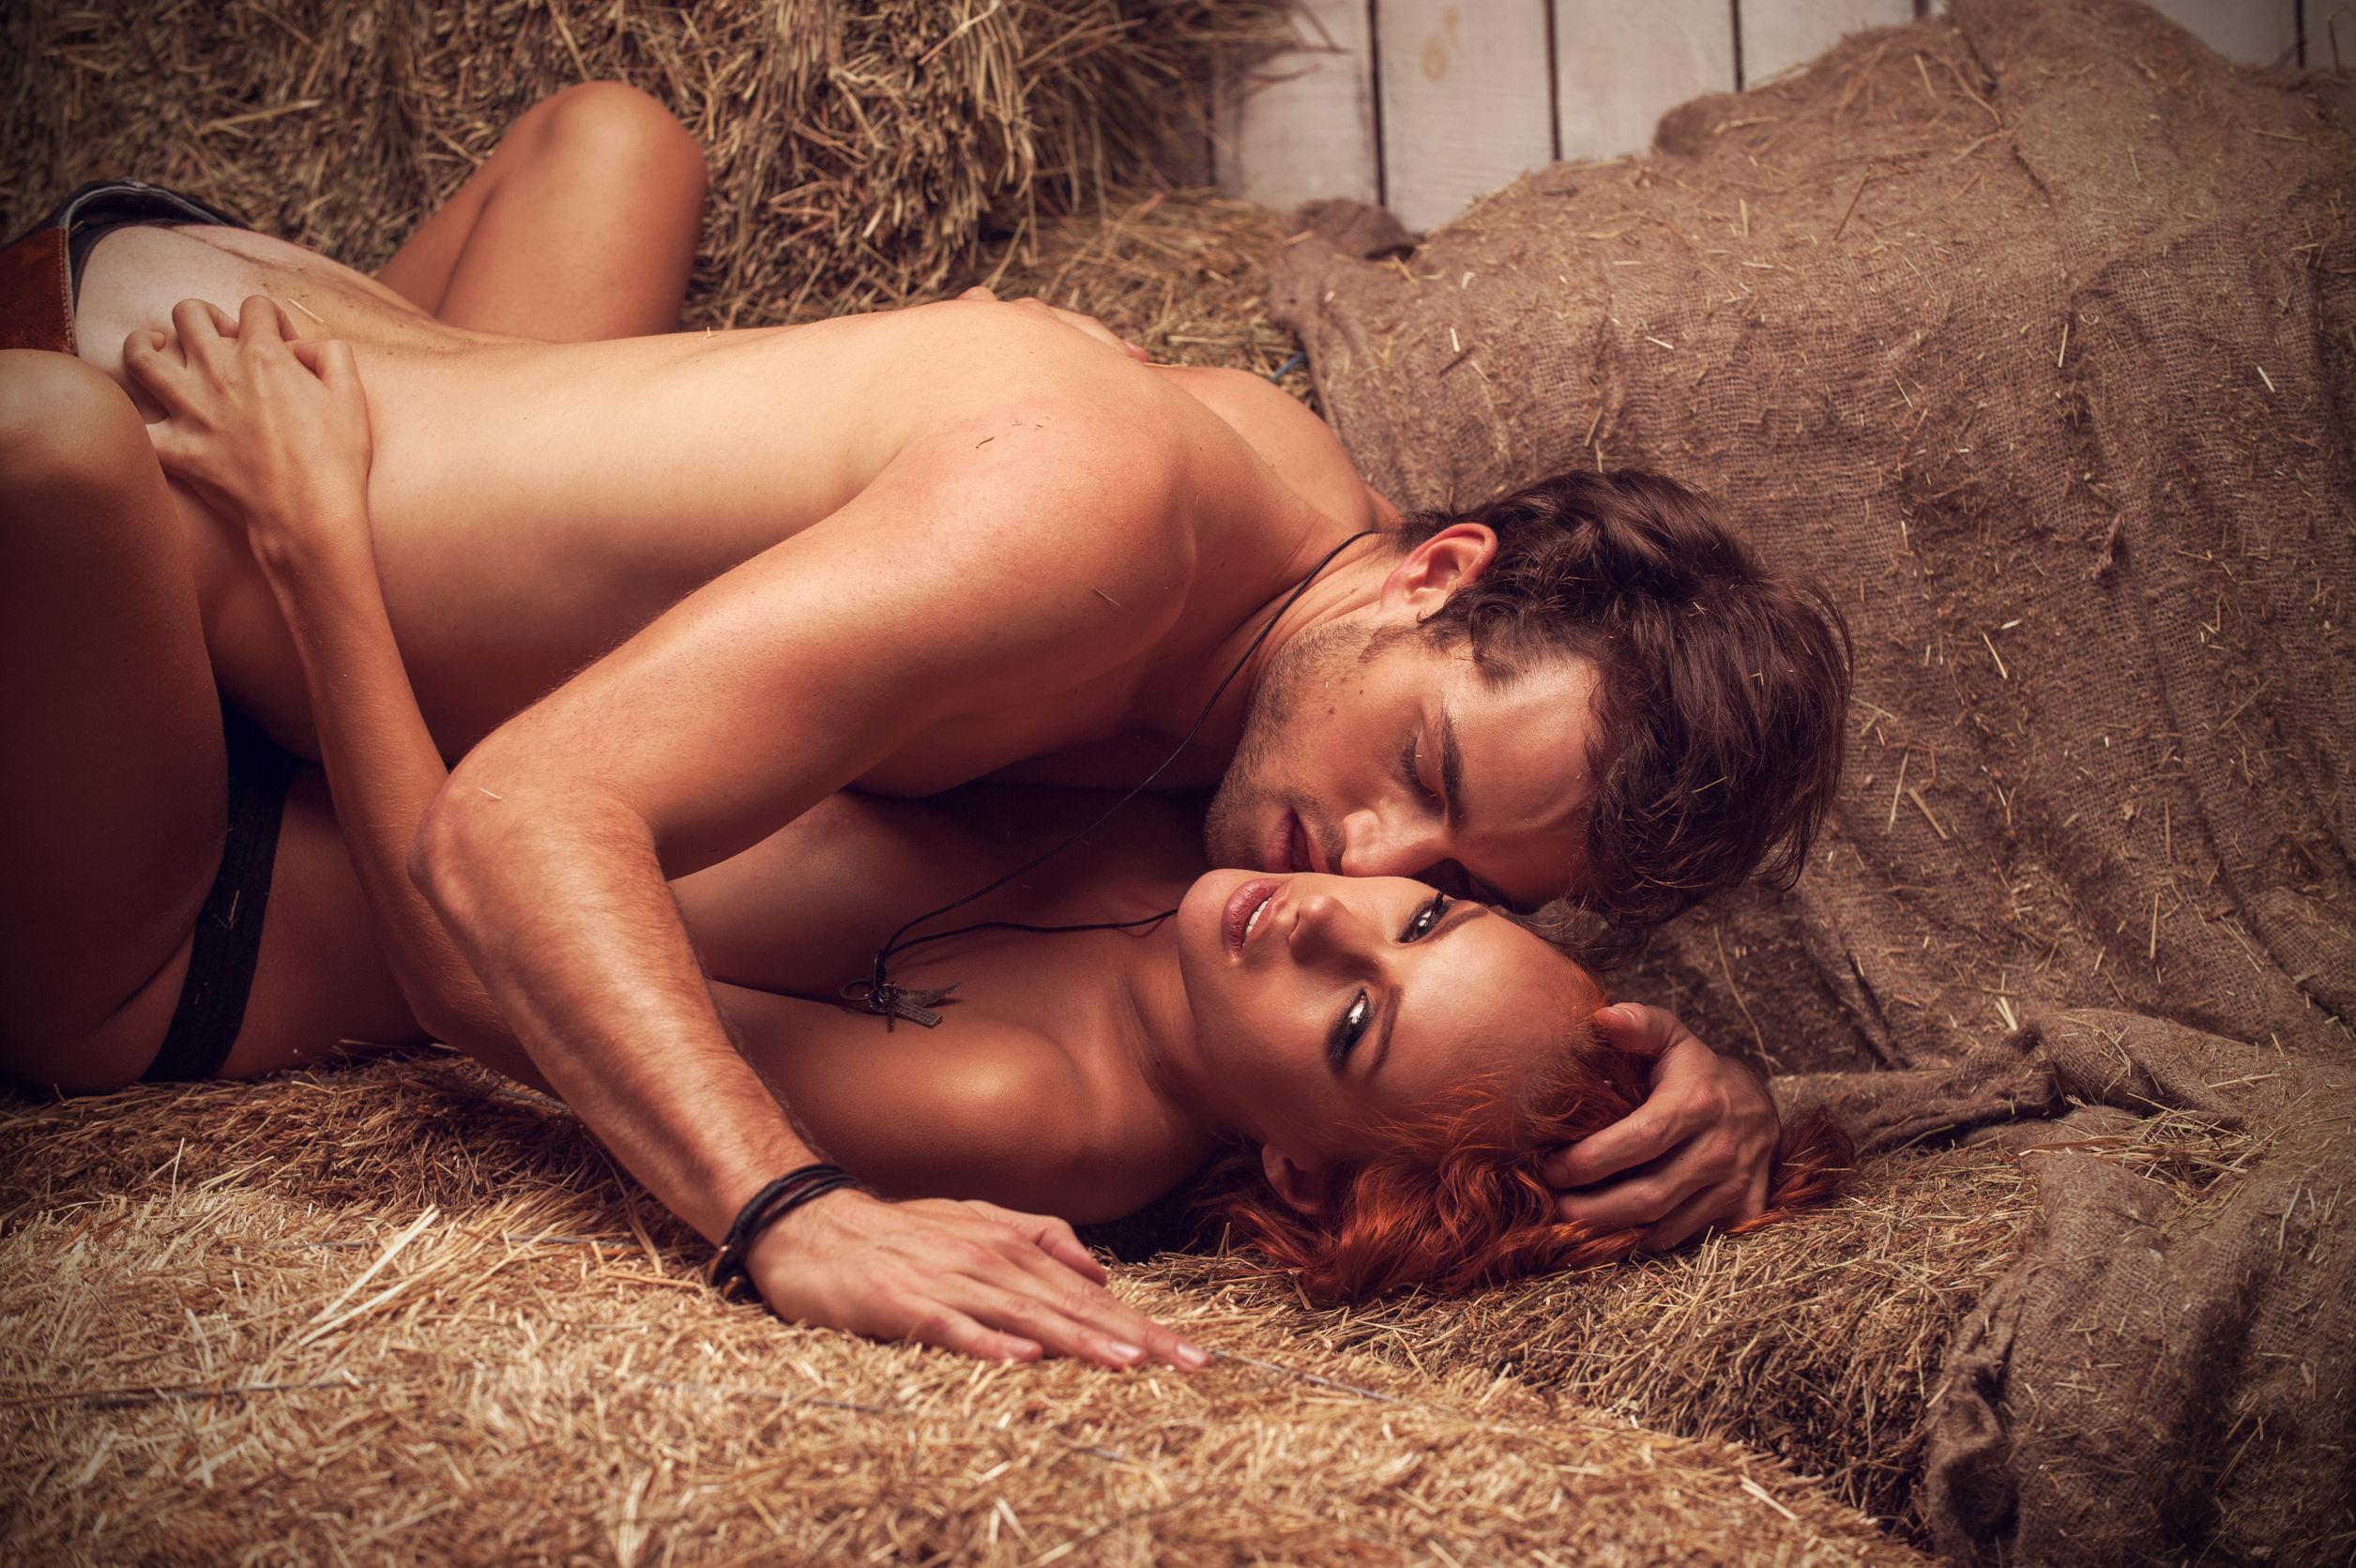 Сексуальное влечение фото 1 фотография